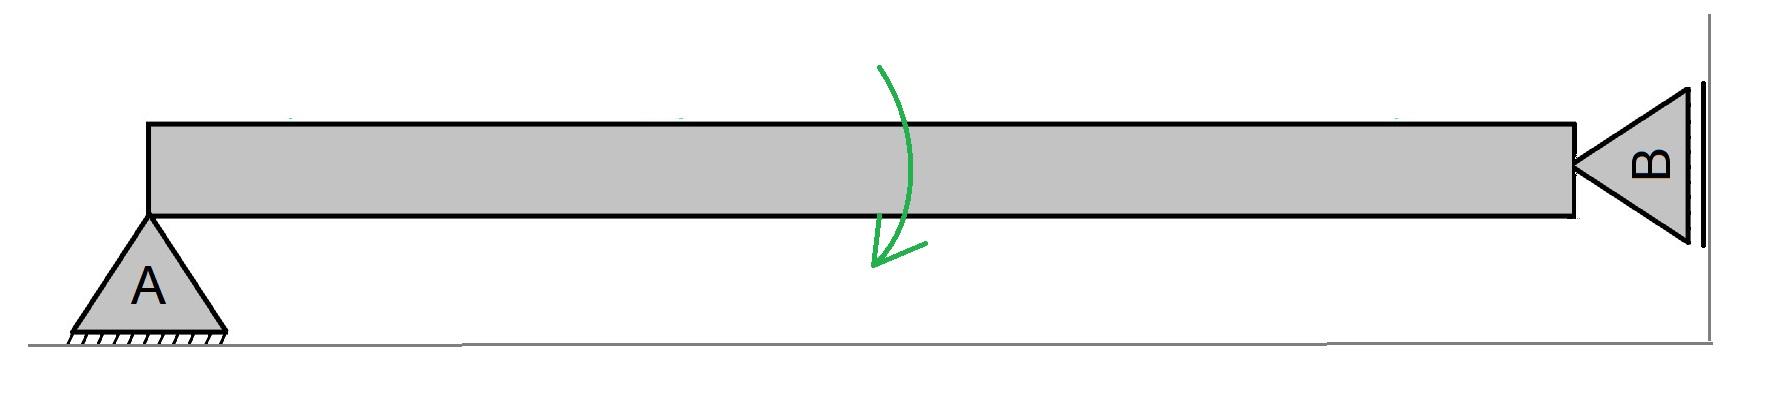 Estrutura hipostática como 3 reações de apoio